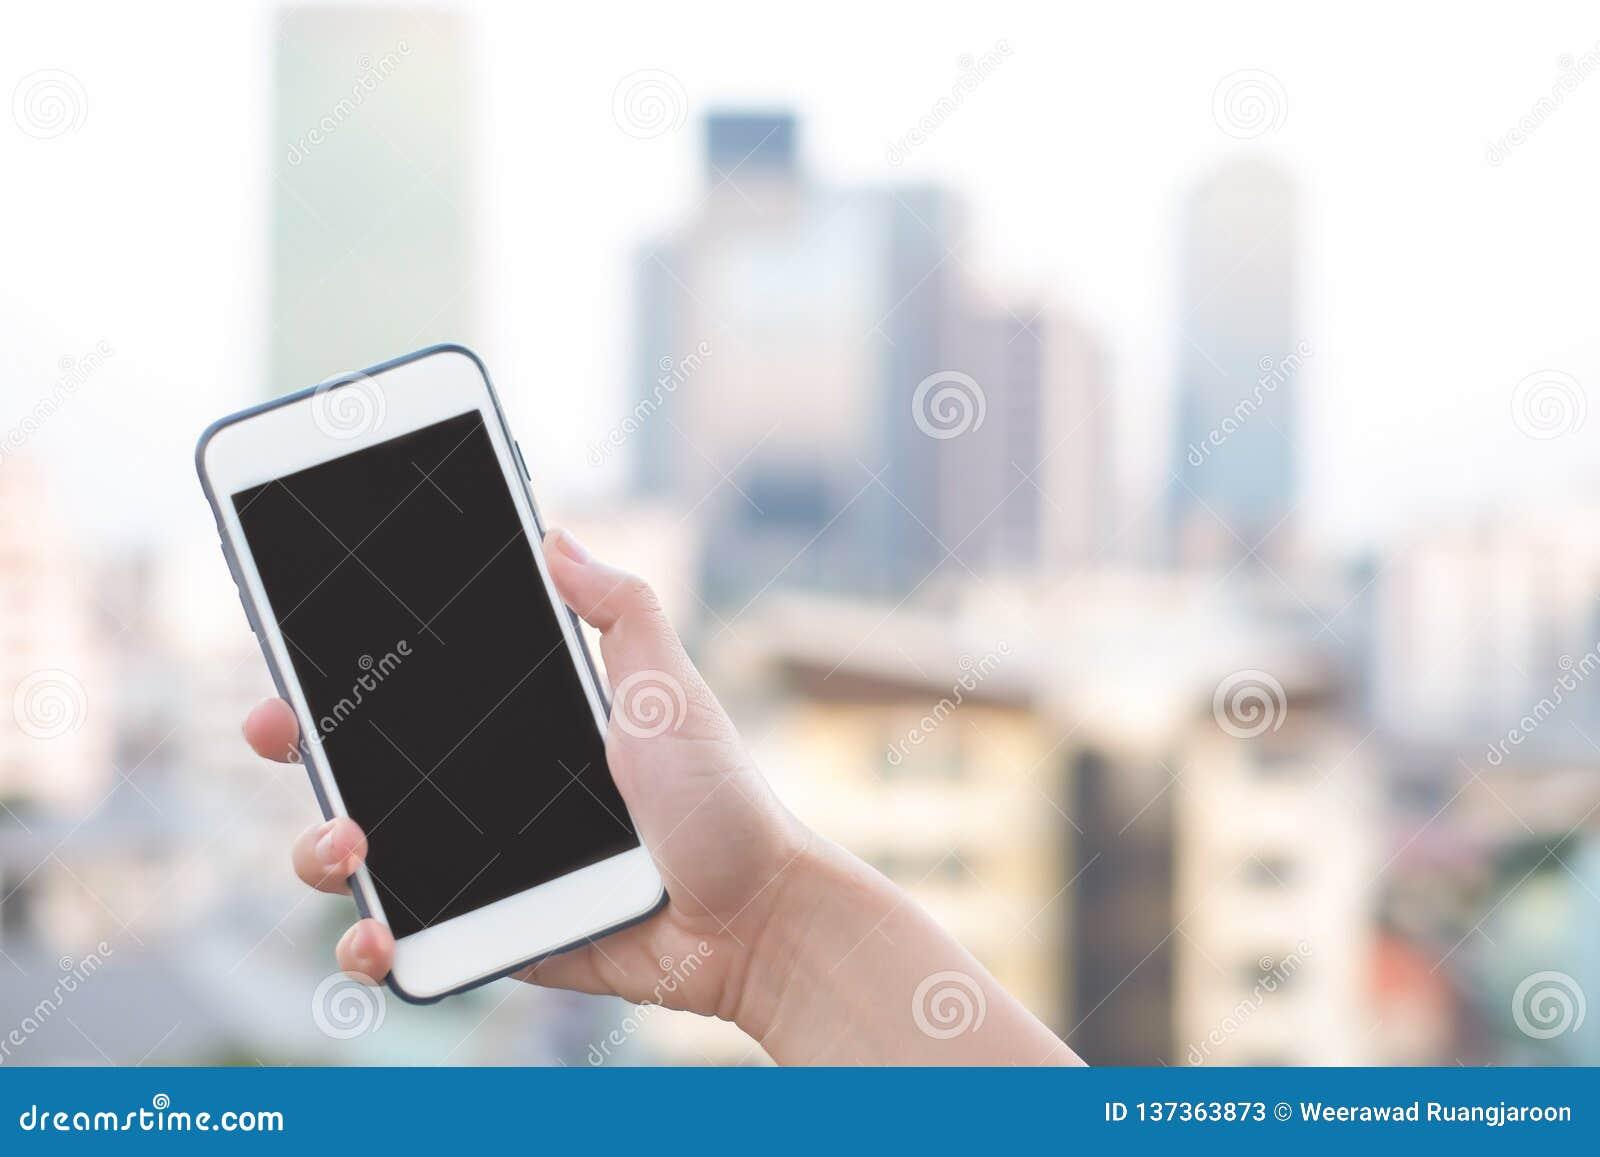 Smartphone de la tenencia de la mano o teléfono móvil con el fondo del edificio de la ciudad y el espacio de la copia